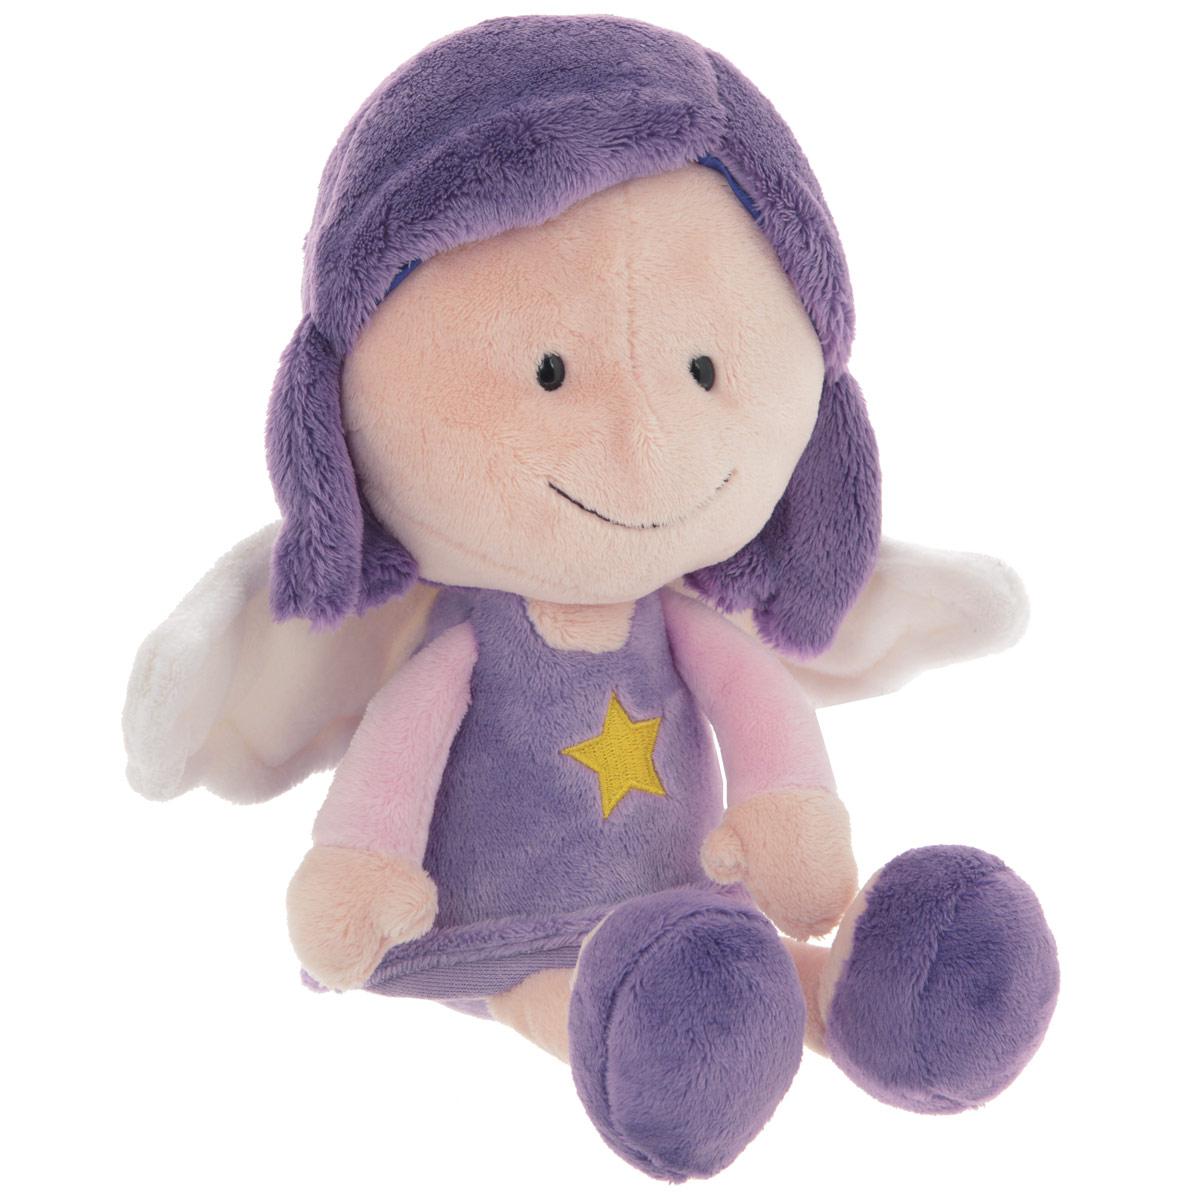 Nici Мягкая игрушка Ангел-хранитель сидячий цвет фиолетовый 25 см37334Суеверие, предрассудки – скажут прагматики и скептики. А мы говорим, что это работает. Мы, маленькие симпатичные ангелы-хранители, обладаем способностью защищать своих друзей, главное, быть всегда рядом. Вы только поверьте в нас!